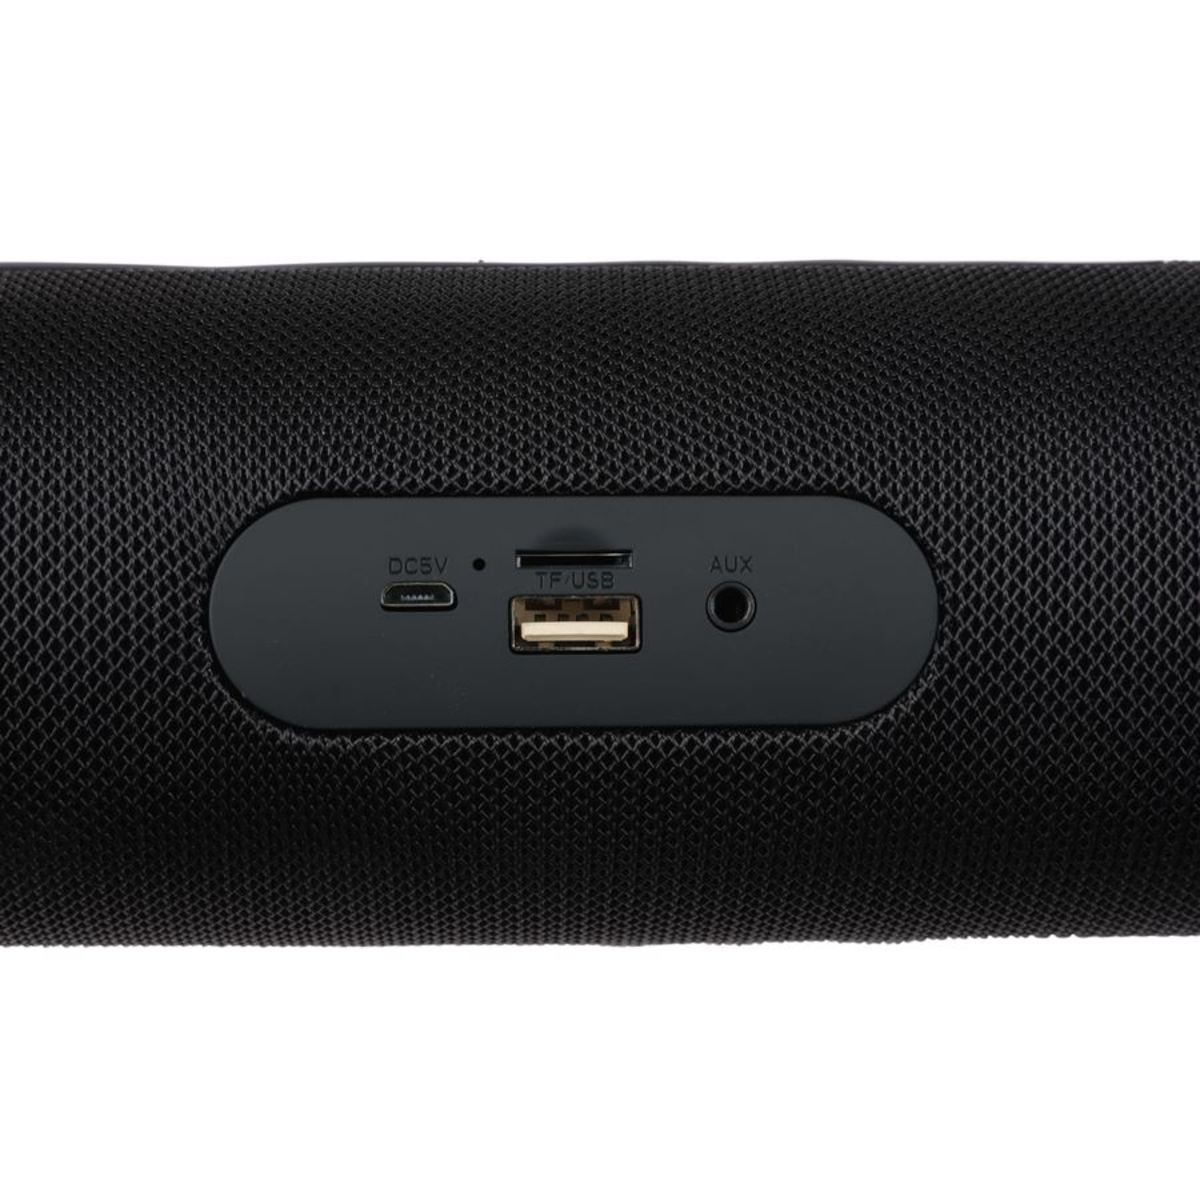 Bild 3 von Dunlop Bluetooth-Lautsprecher 8x40cm